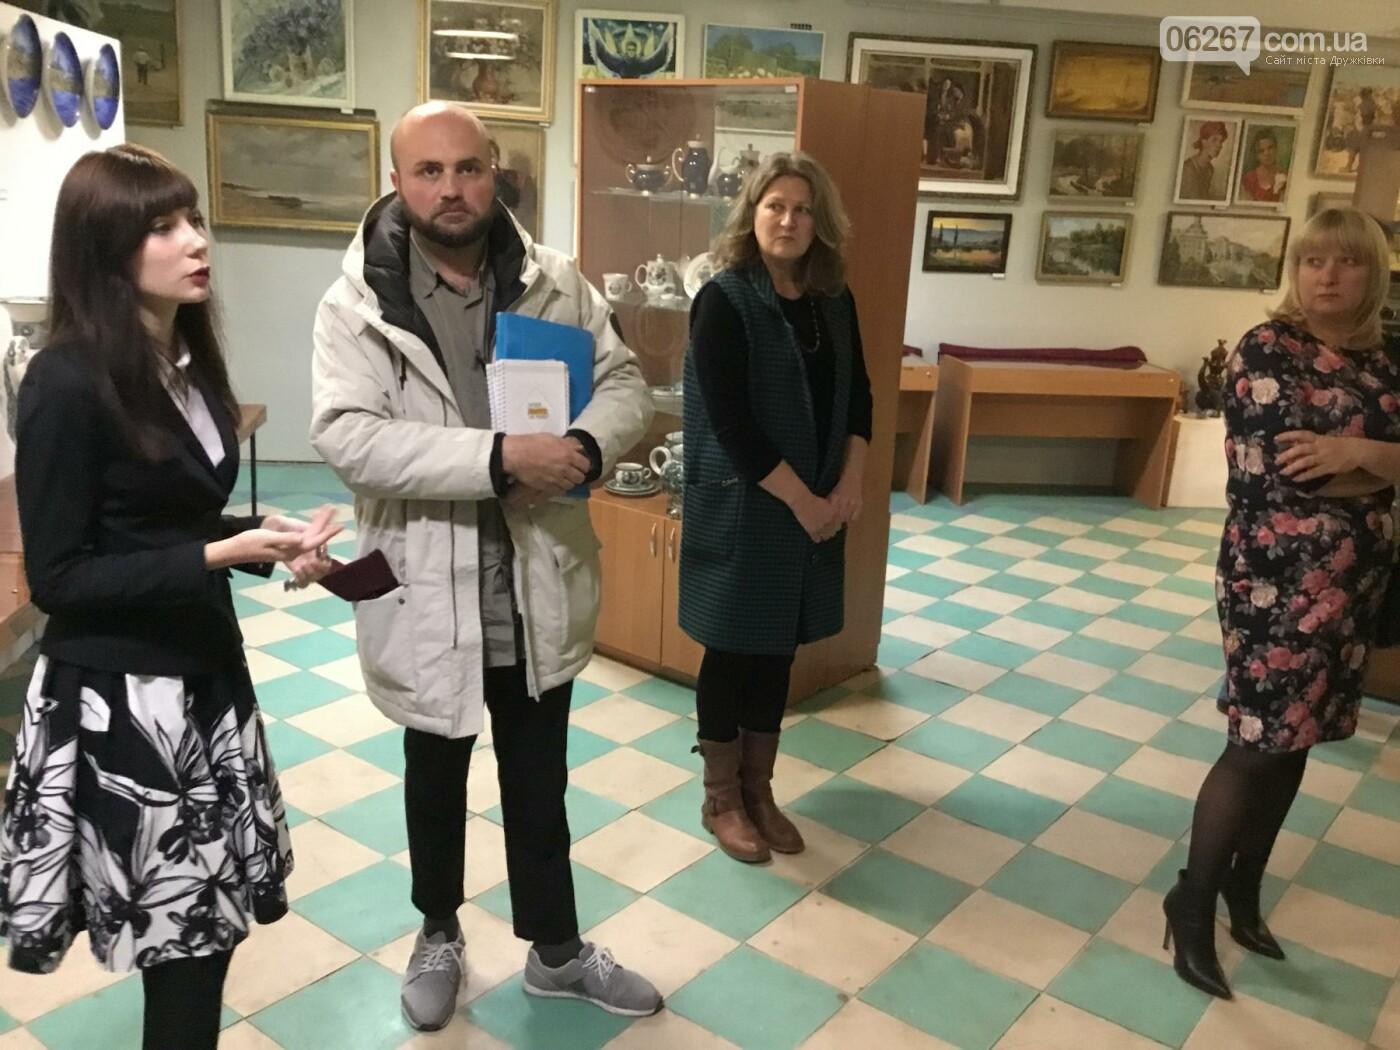 В Дружковском музее обсуждали проекты развития и вопросы сотрудничества с музеями Украины (ФОТО, ВИДЕО), фото-2